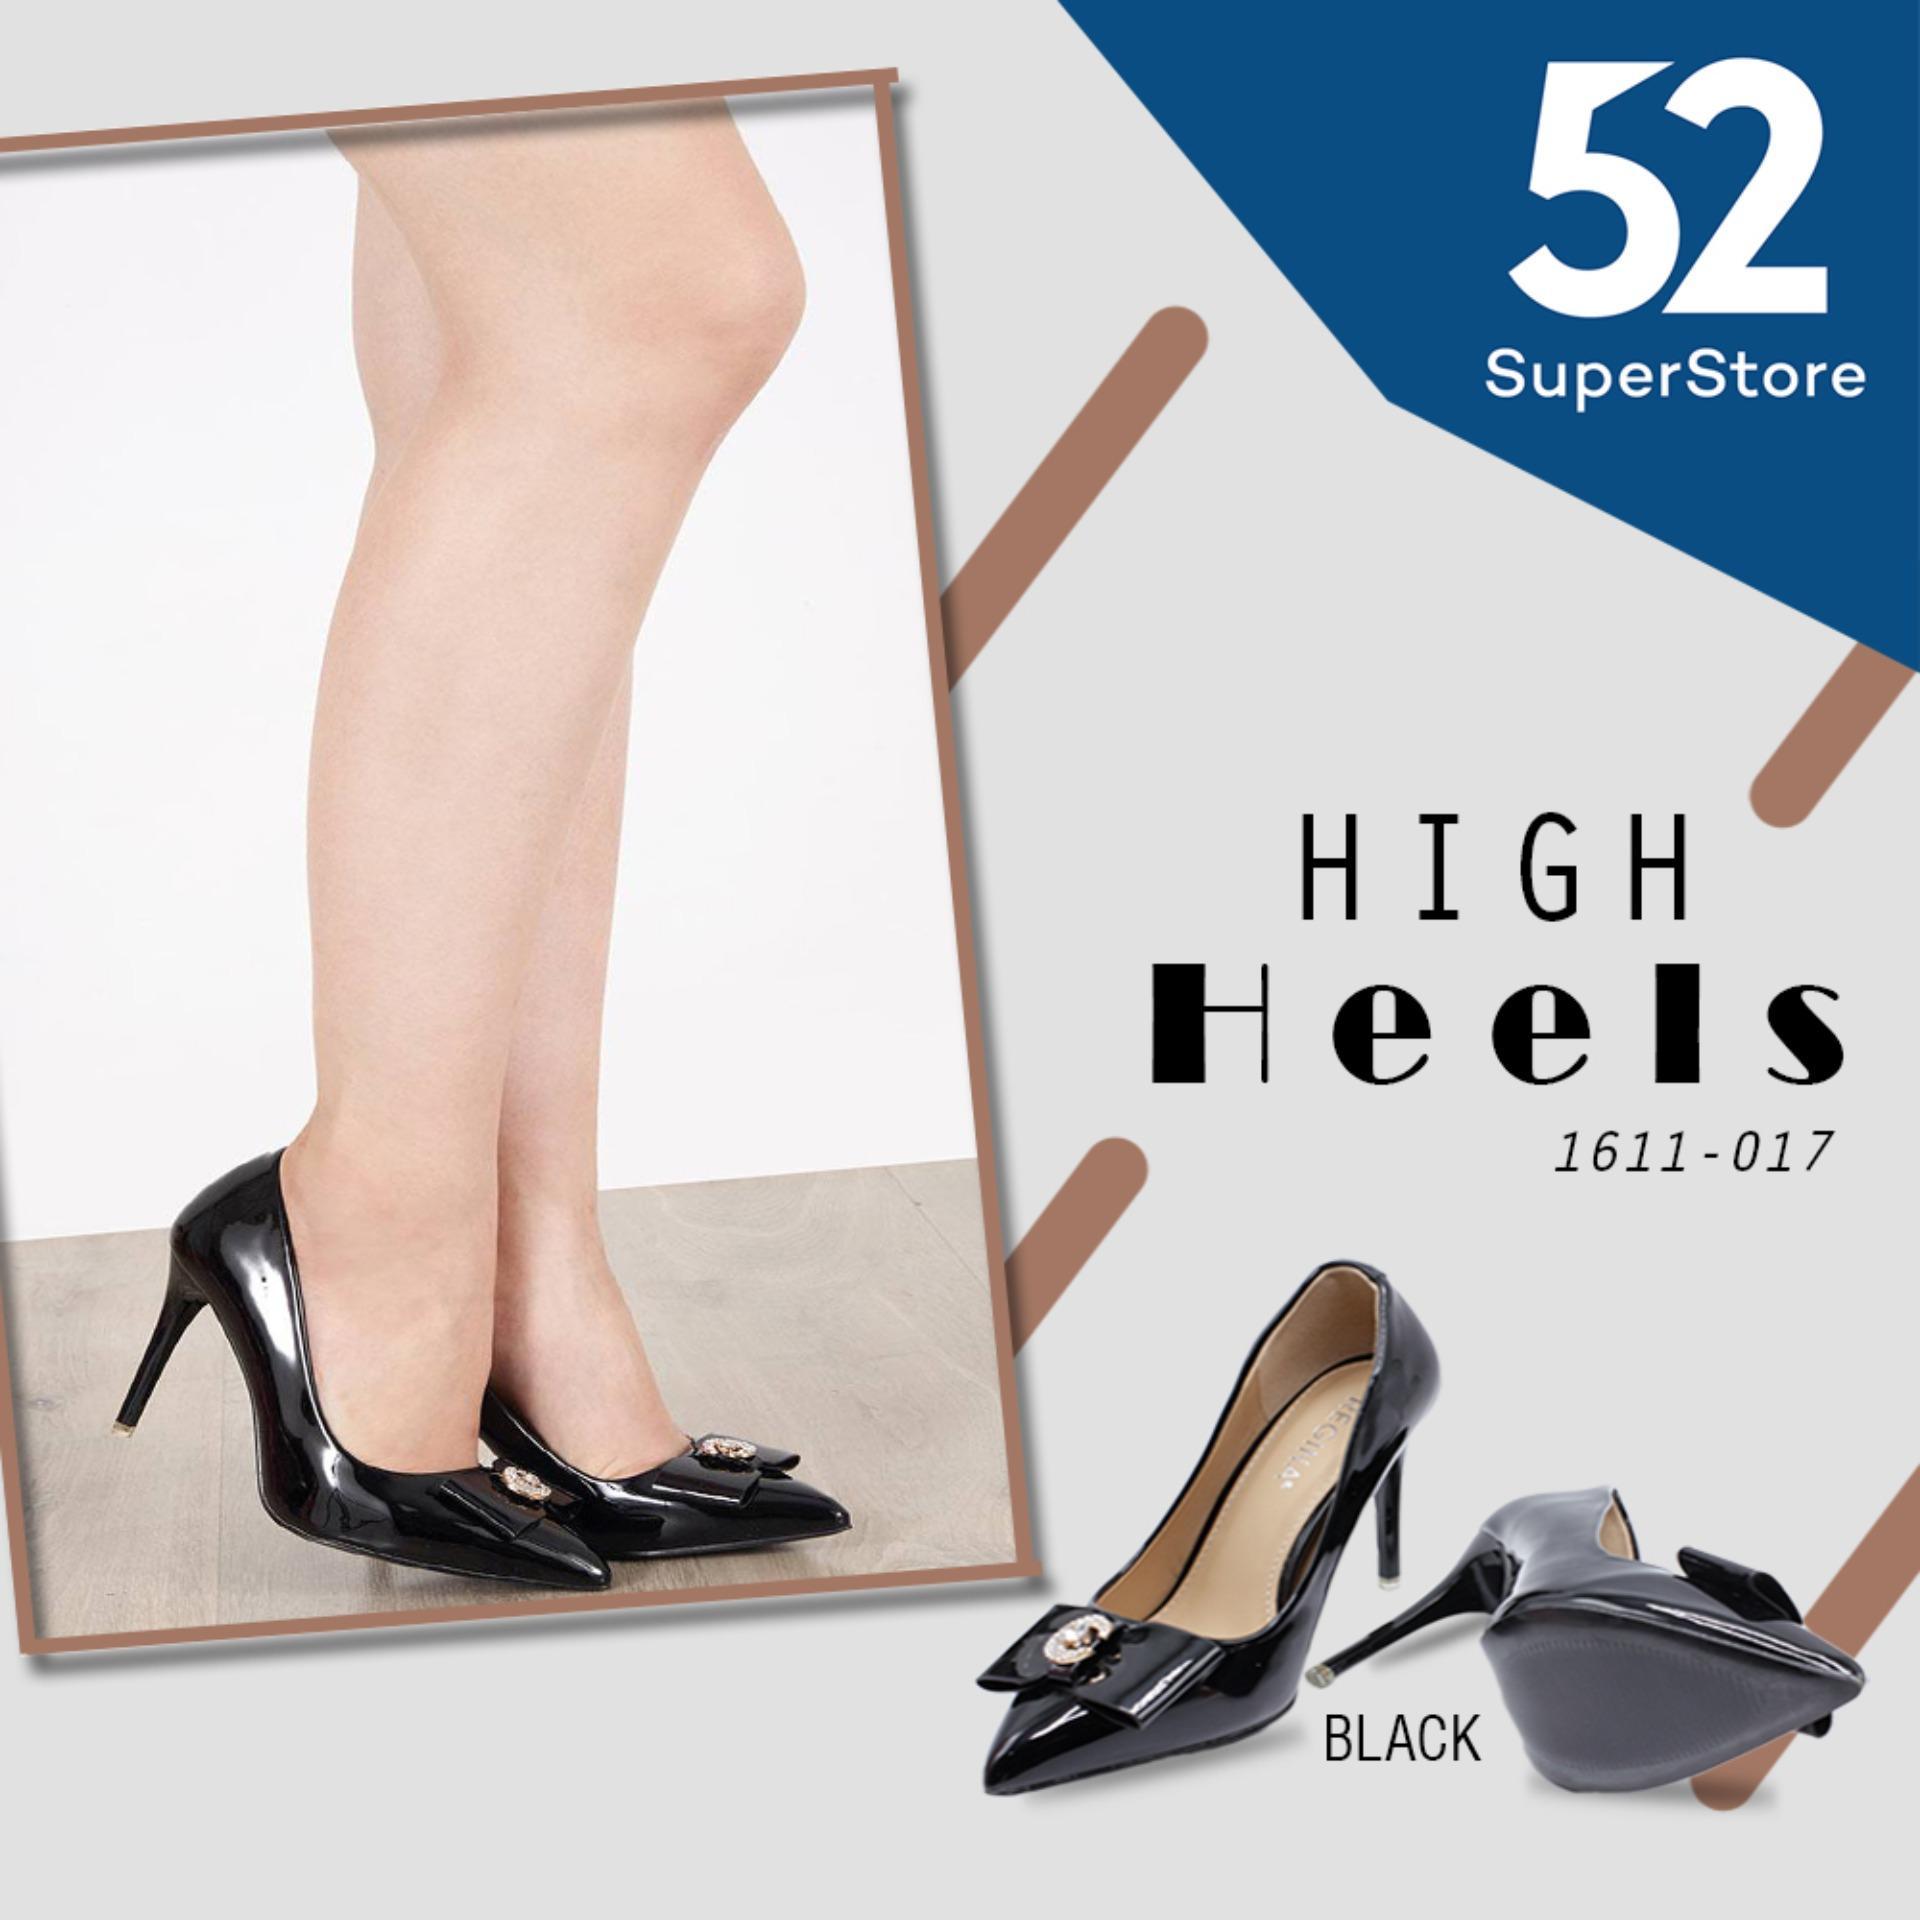 Regina Sepatu Pantofel / High Heels Wanita 1611-017 - Black (HAK 9 cm)